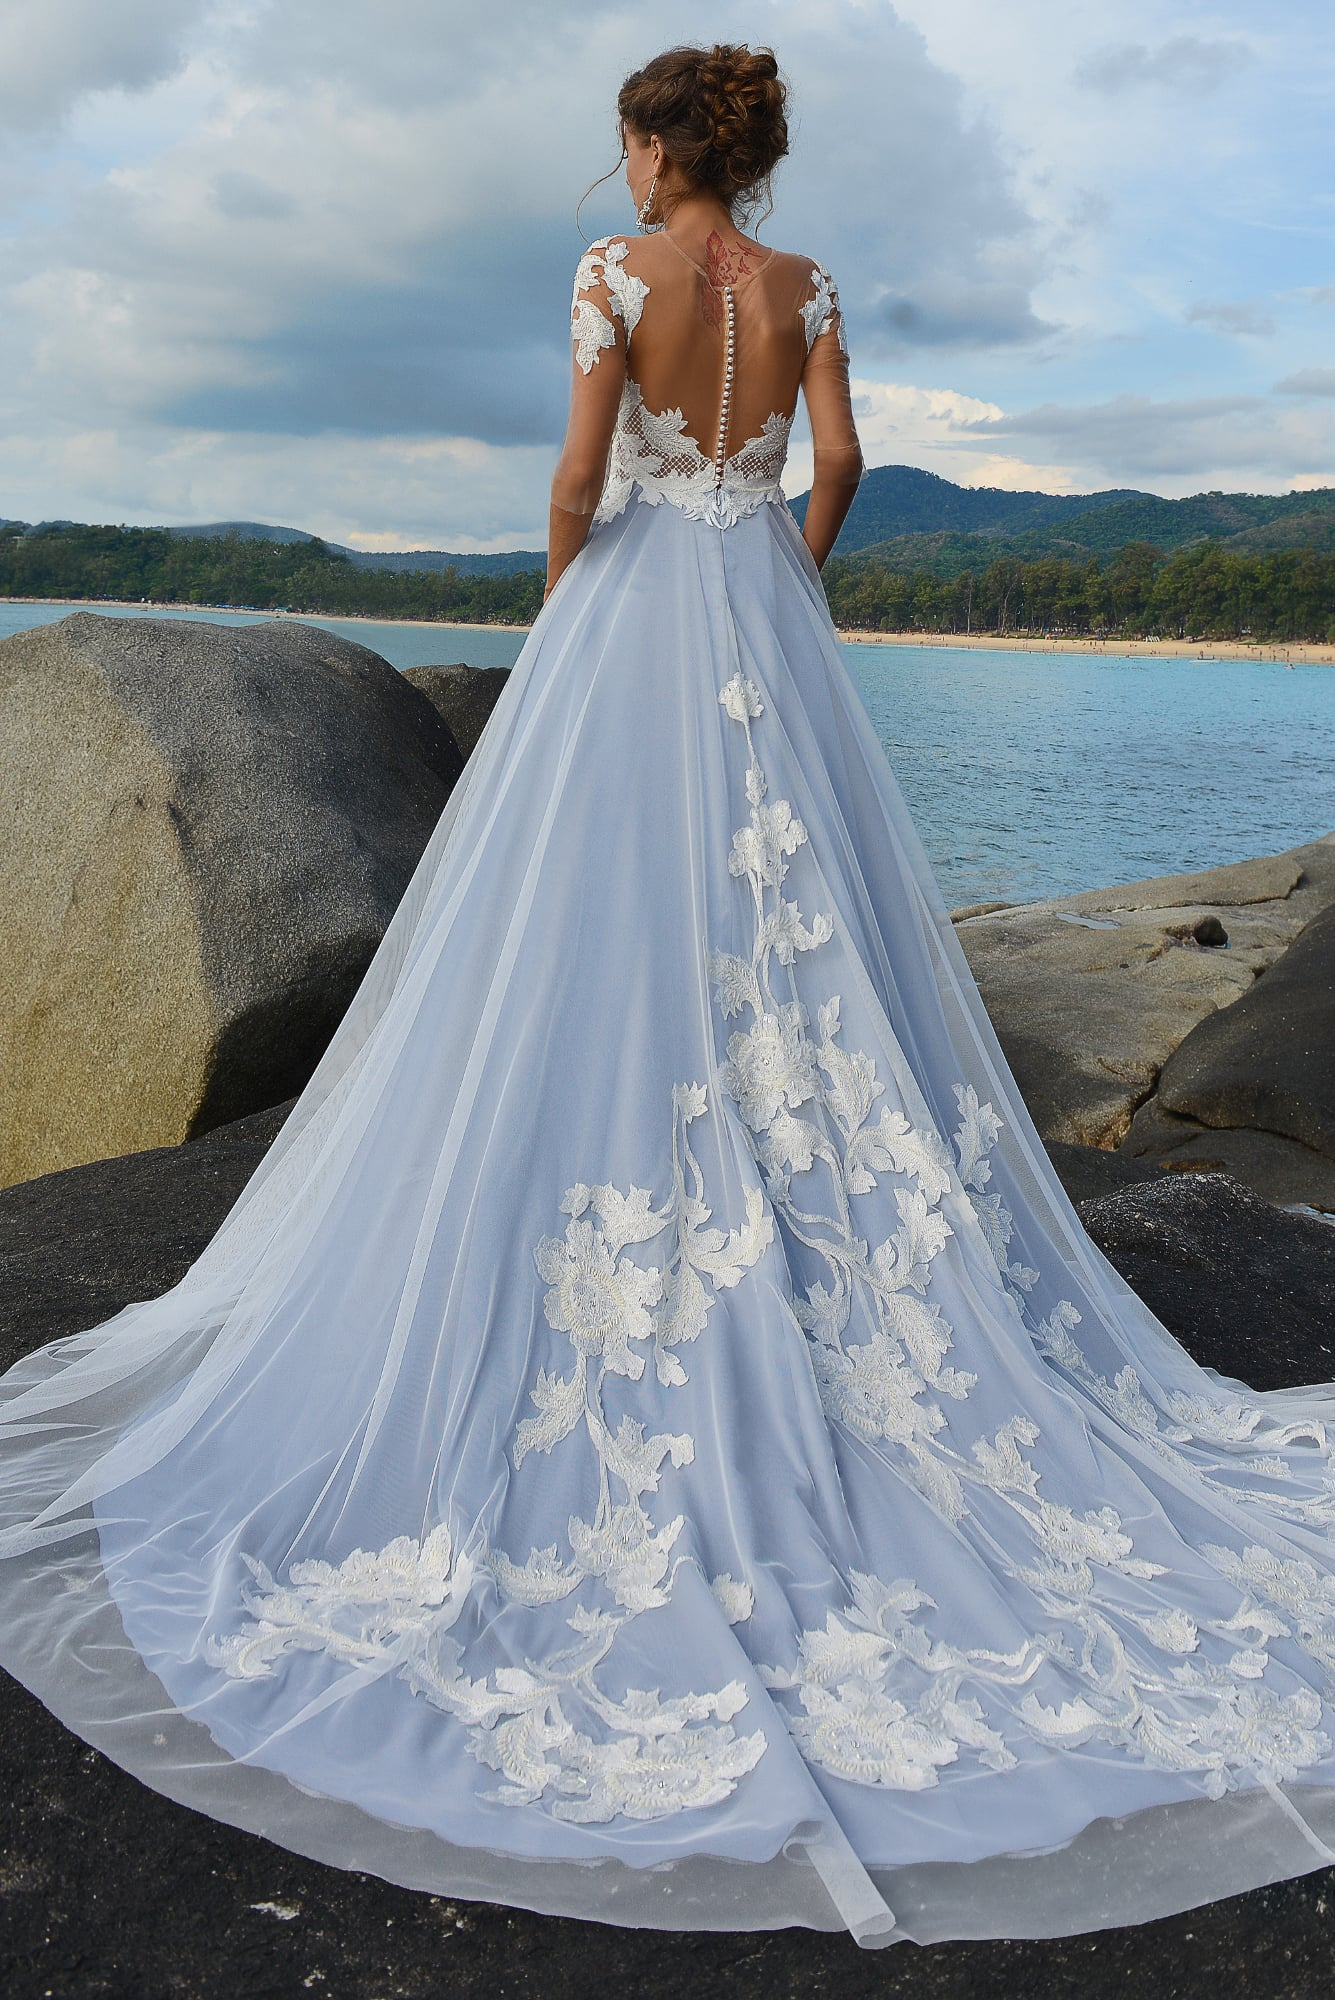 Свадебное платье с серо-голубой юбкой и изящным белым лифом с длинным рукавом.